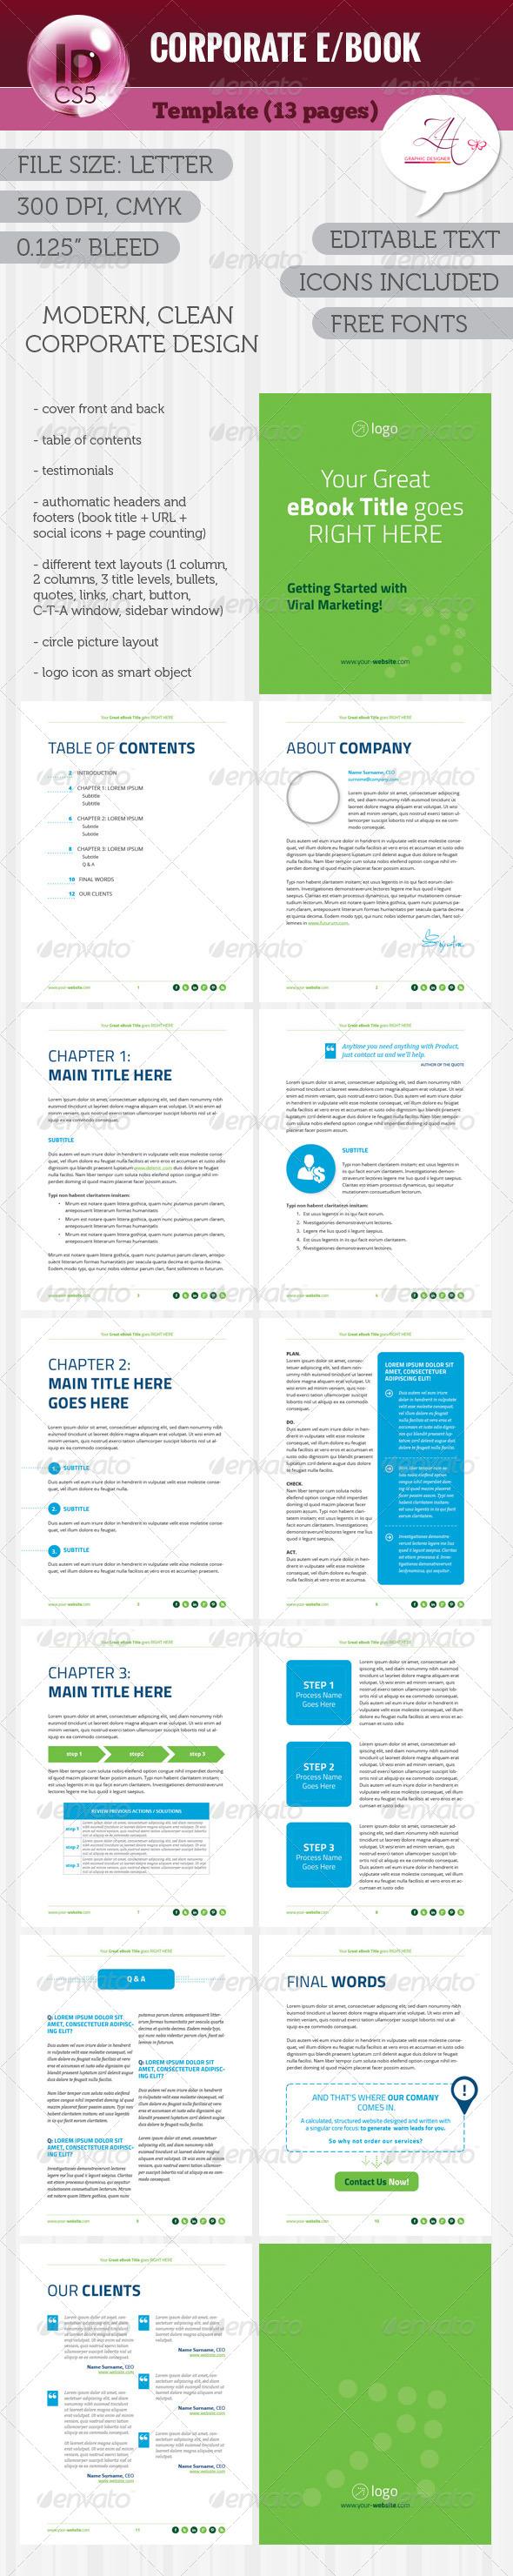 GraphicRiver Corporate E Book 5816772